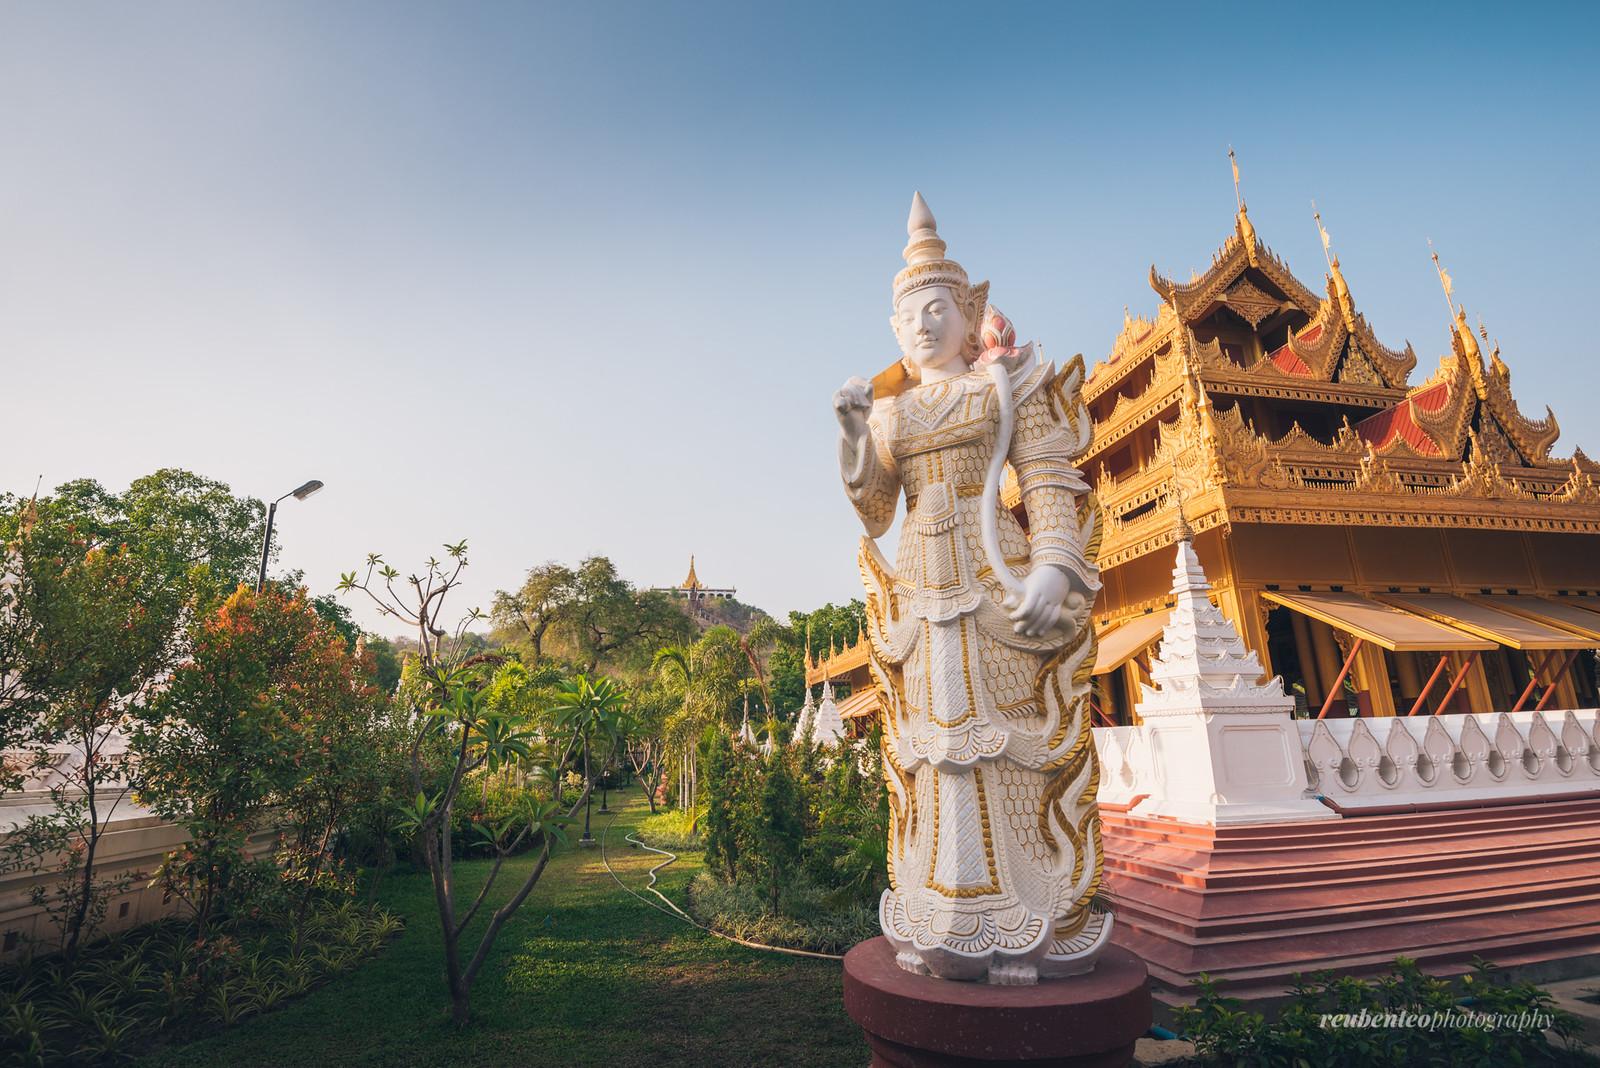 Kyauktawgyi Paya Temple, Mandalay